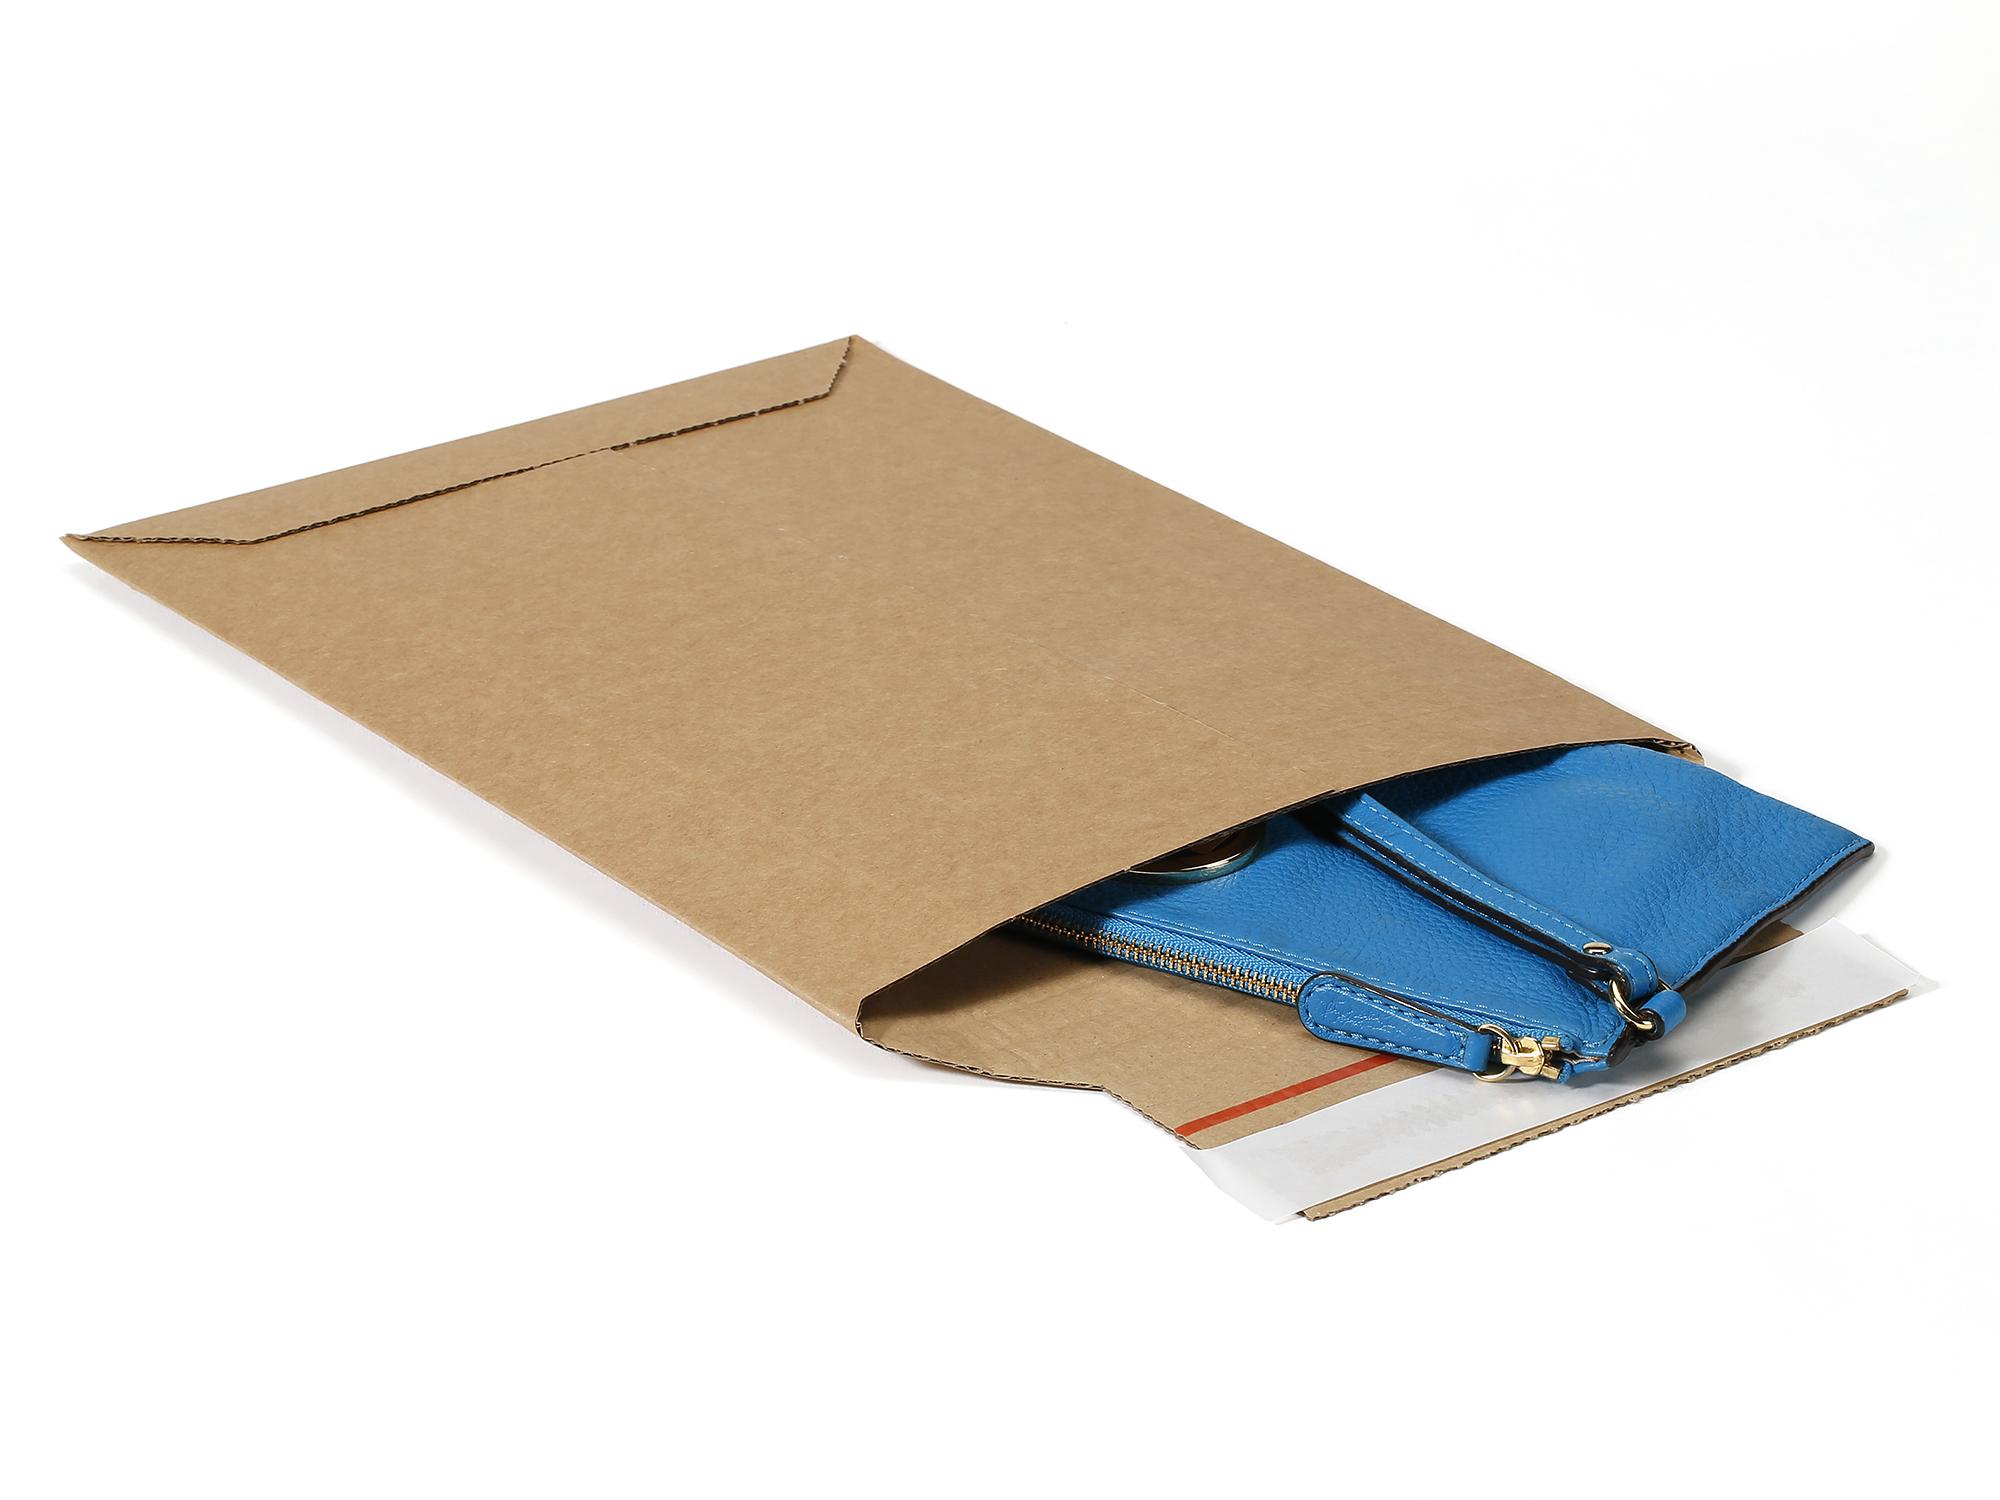 Versandtasche aus Wellpappe